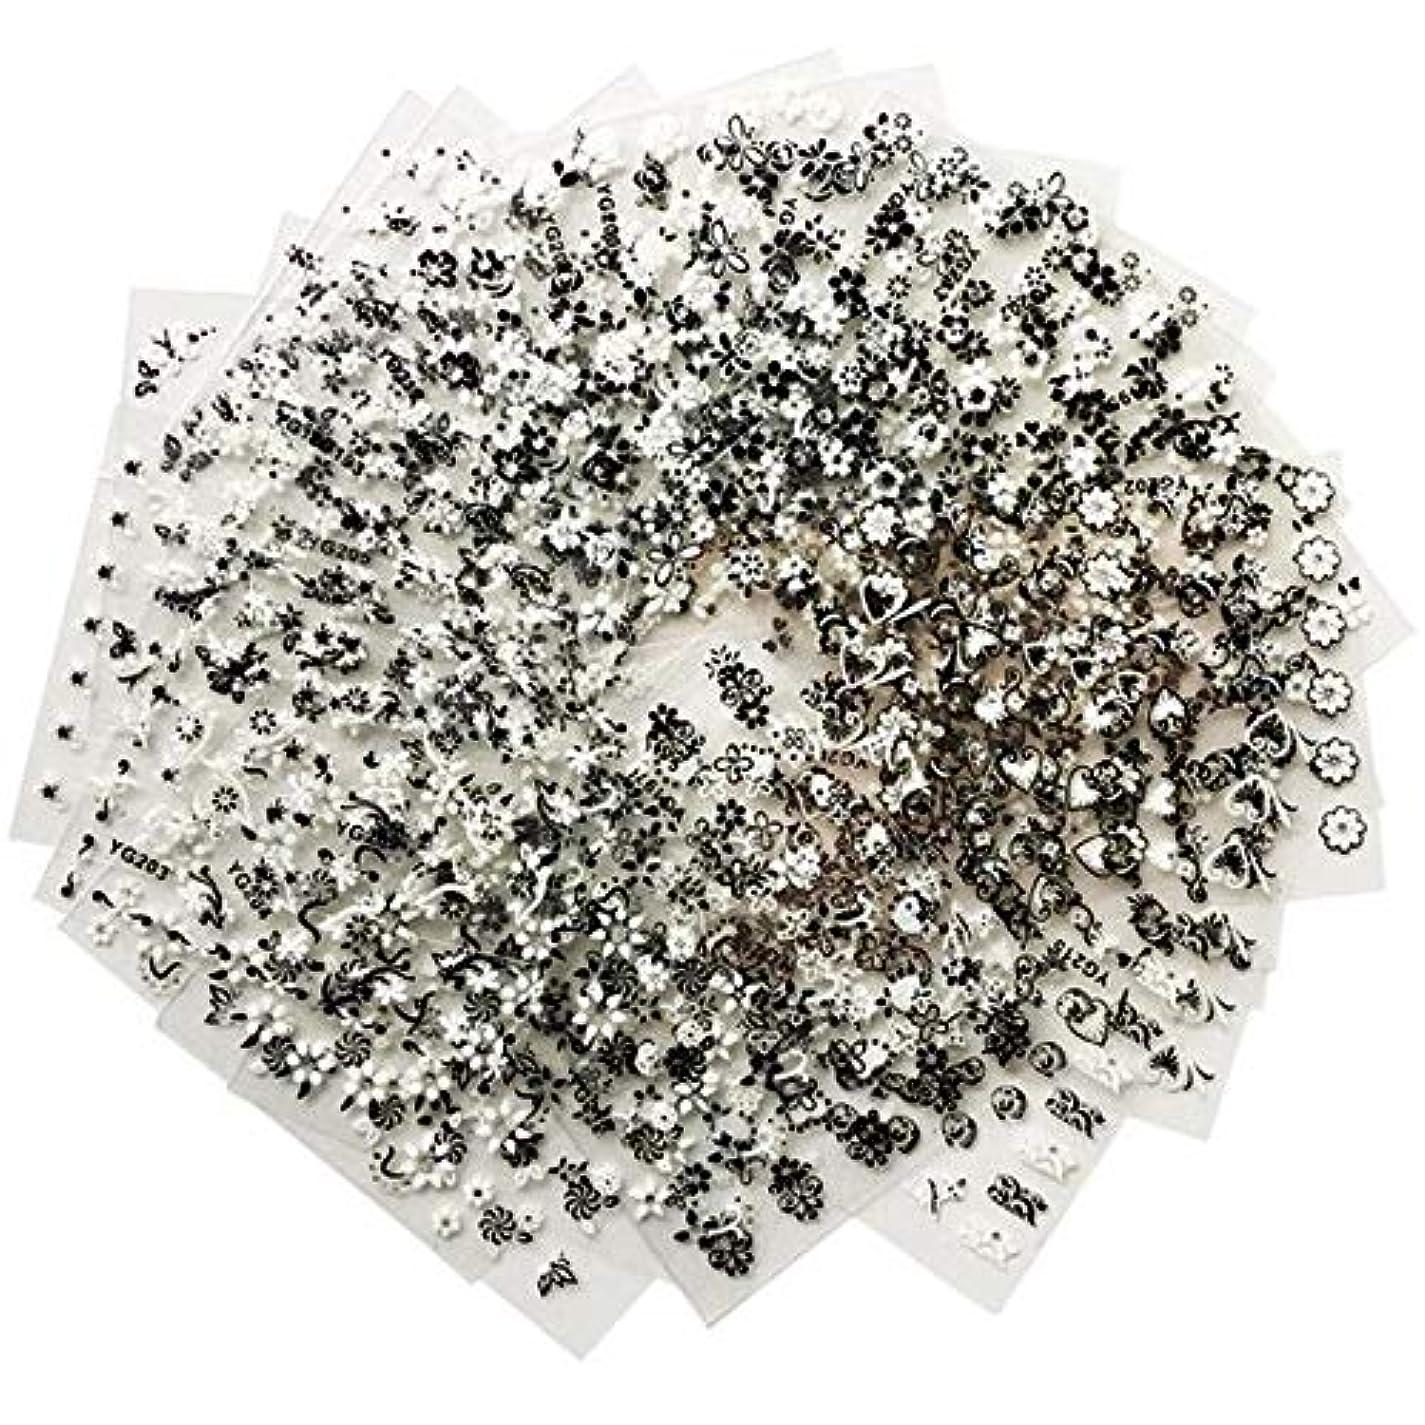 木材優先権傾向があるFidgetGear 24枚ホワイト&ブラックネイルアート転写ステッカーDIY 3Dデザインマニキュアのヒントデカール